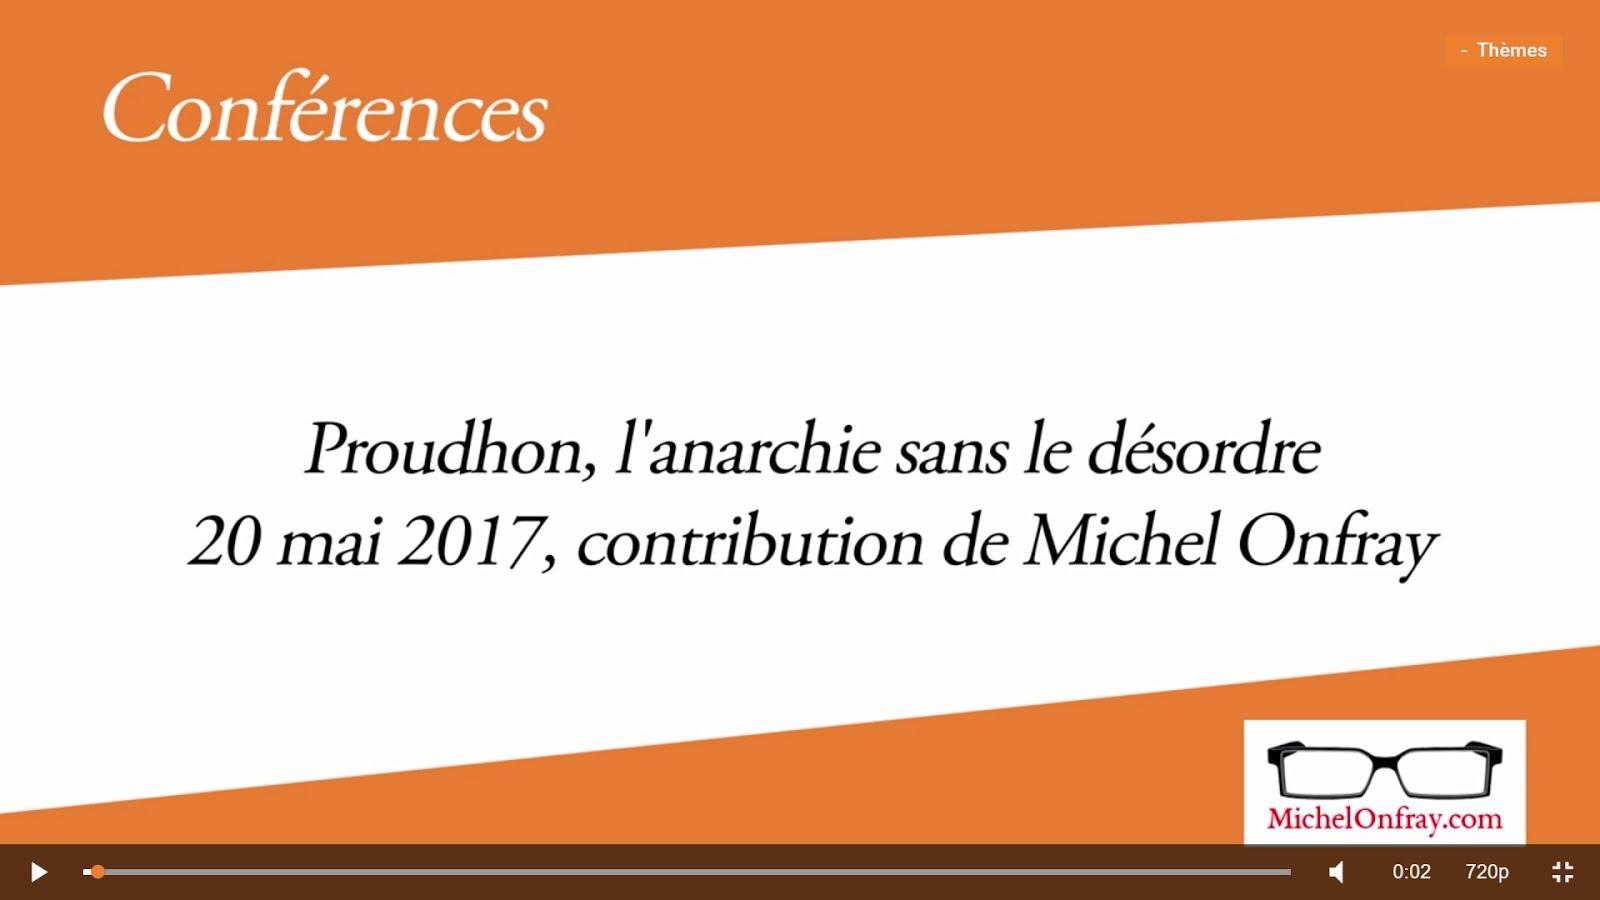 MICHEL ONFRAY PARLE DU LIVRE P-J PROUDHON